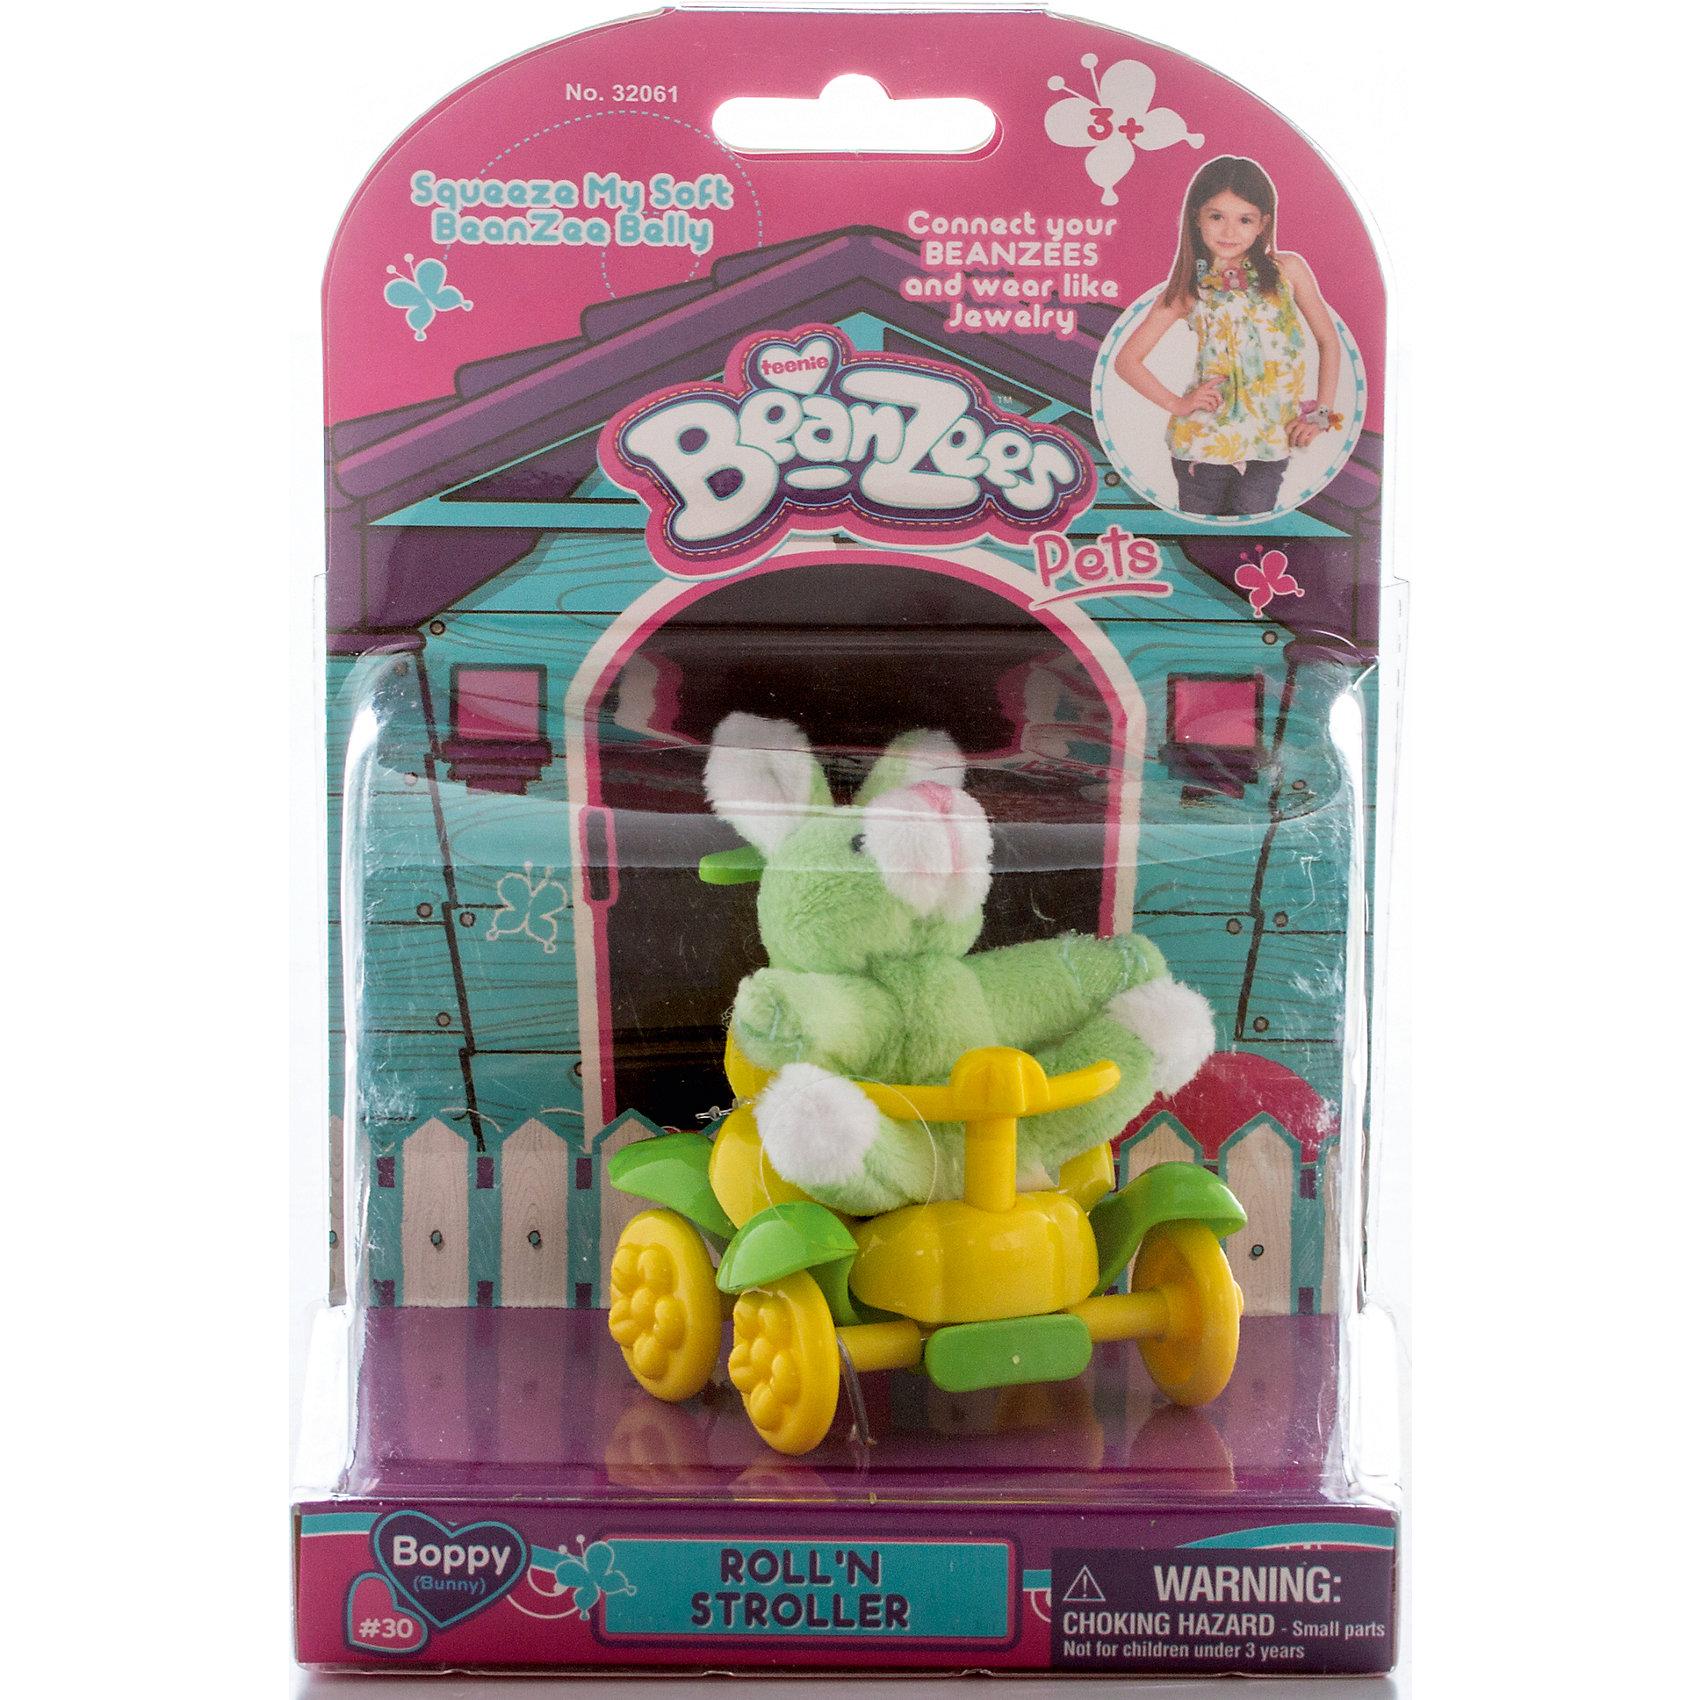 Плюшевый игровой набор Зайчик в каталке, BeanzeezЗайцы и кролики<br>Характеристики товара:<br><br>- цвет: разноцветный;<br>- материал: пластик, текстиль;<br>- комплектация: фигурка животного, аксессуар;<br>- особенности: наличие на лапках липучек, игрушку можно соединять с другими героями из серии;<br>- живот заполнен гранулами;<br>- размер упаковки: 9х18х13 см;<br>- упаковка: блистер;<br>- вес: 146 г.<br><br>Такая симпатичная фигурка не оставит ребенка равнодушным! Какой малыш откажется поиграть с маленькой плюшевой игрушкой из большой пушистой коллекции?! Игрушка очень качественно выполнена, поэтому она станет отличным подарком ребенку. В наборе идет фигурка животного и аксессуары. С ними можно придумать множество сюжетов, разыгрывая которые, ребенок развивает мелкую моторику, воображение и творческое мышление.<br>Изделие произведено из высококачественного материала, безопасного для детей.<br><br>Плюшевый игровой набор Зайчик в каталке от бренда Beanzeez можно купить в нашем интернет-магазине.<br><br>Ширина мм: 85<br>Глубина мм: 180<br>Высота мм: 130<br>Вес г: 145<br>Возраст от месяцев: 36<br>Возраст до месяцев: 2147483647<br>Пол: Женский<br>Возраст: Детский<br>SKU: 5039894